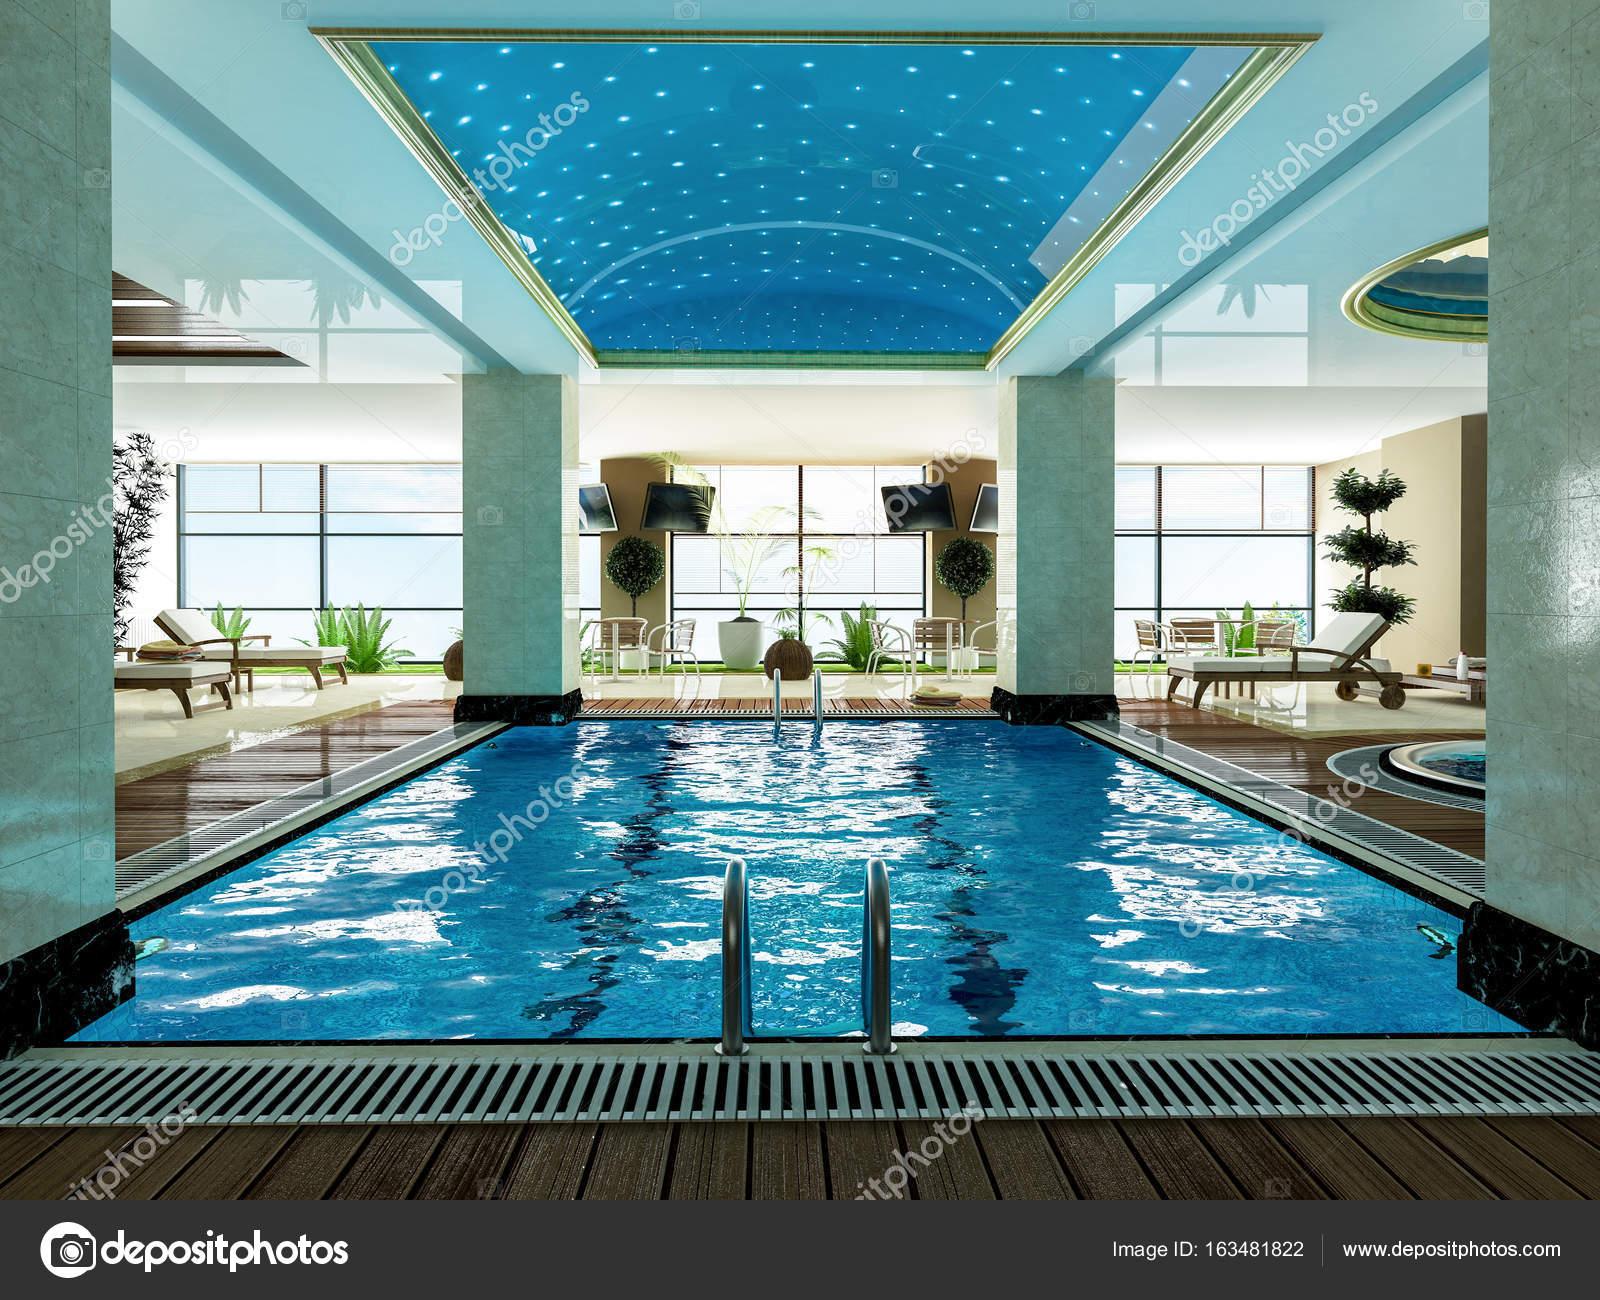 Indoor Swimming Pool Design Idea Stock Photo C Sseven 163481822 - Indoor-swimming-pool-design-ideas